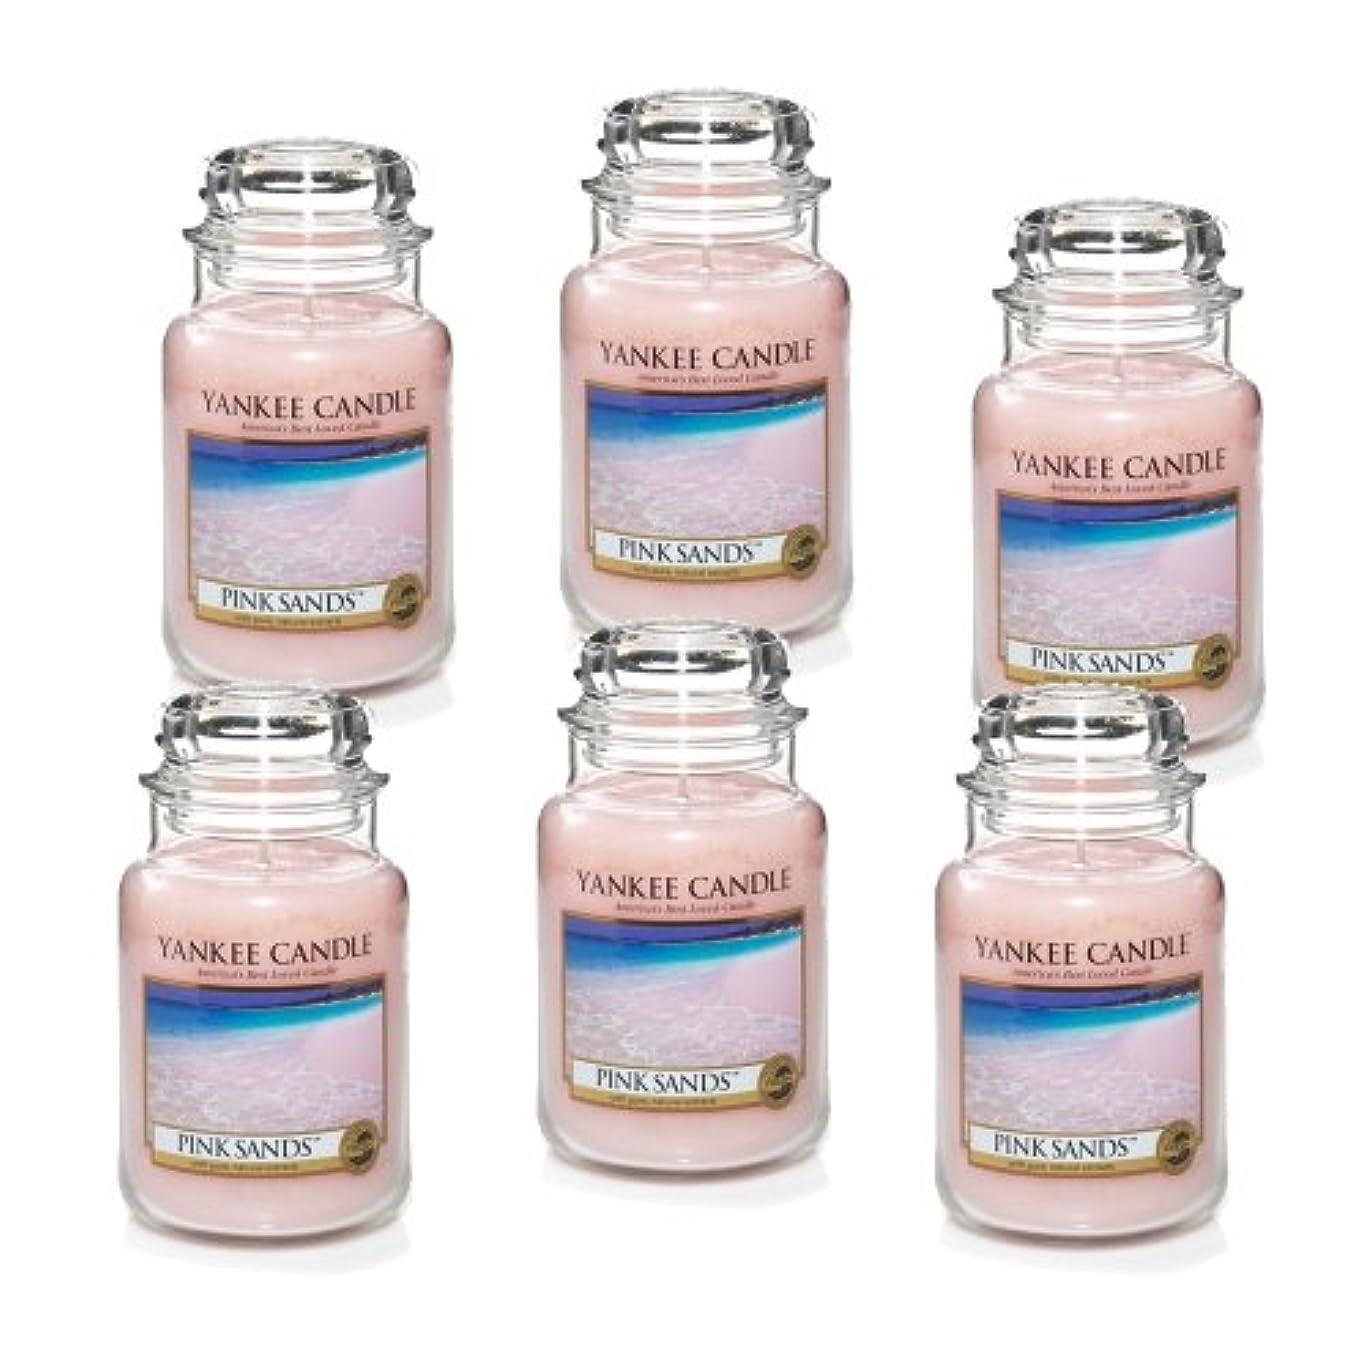 健全無意味味わうYankee Candle ピンクサンズ 大瓶 22オンス キャンドル Set of 6 ピンク 1205337X6